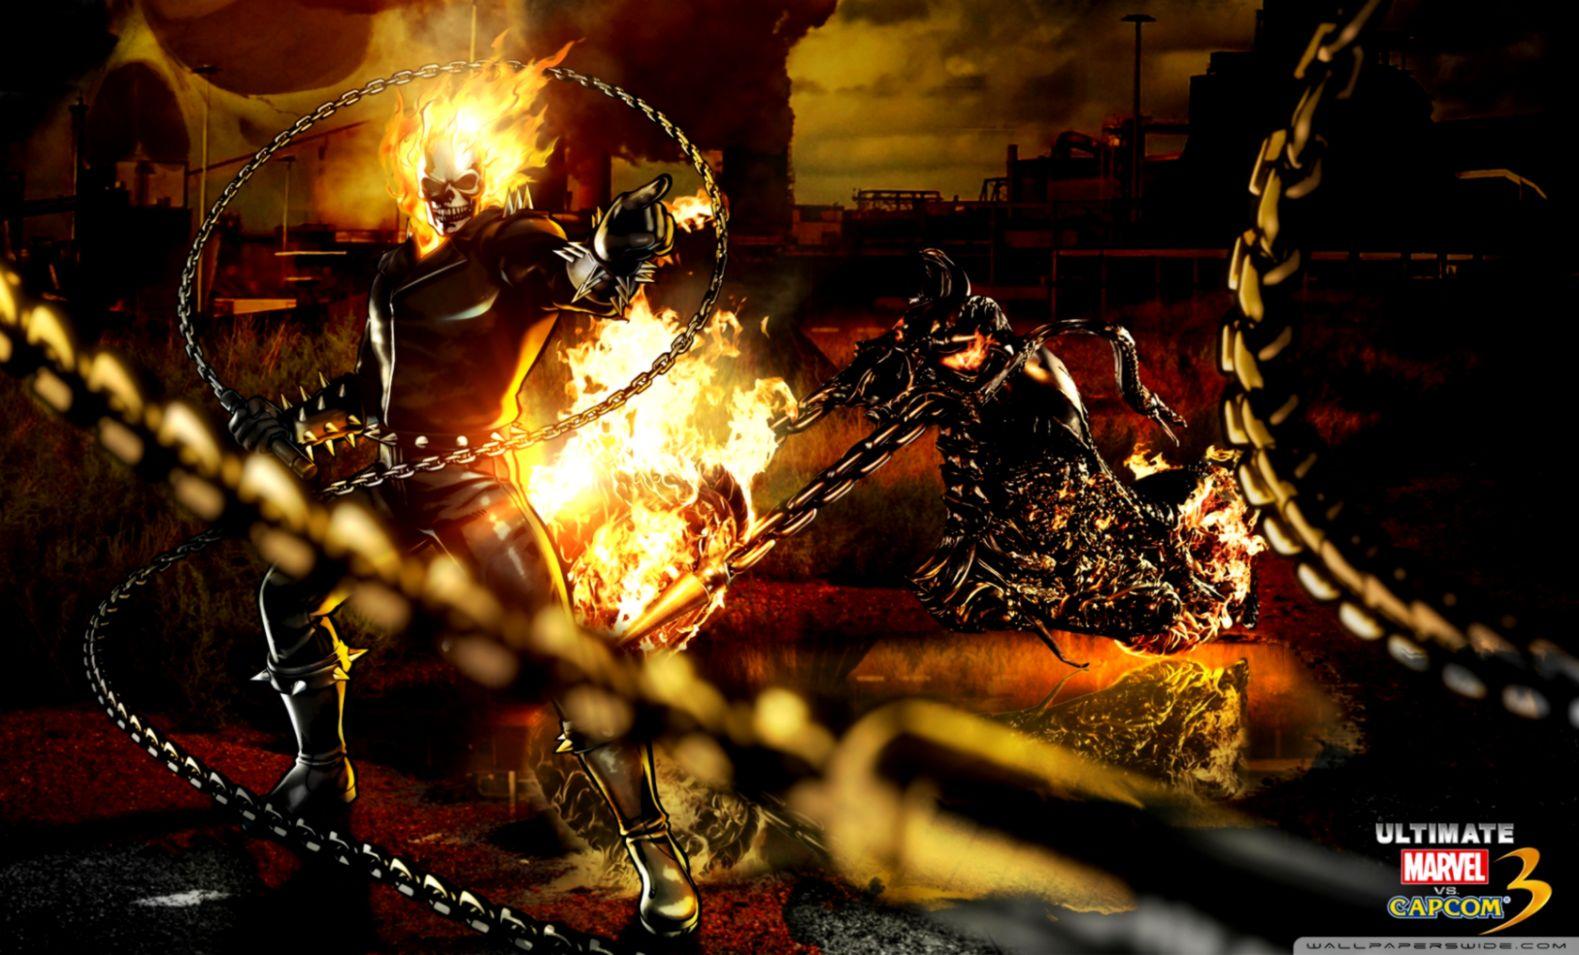 Ghost Rider Marvel Vs Capcom Wallpaper Hd Wallpapers Insert